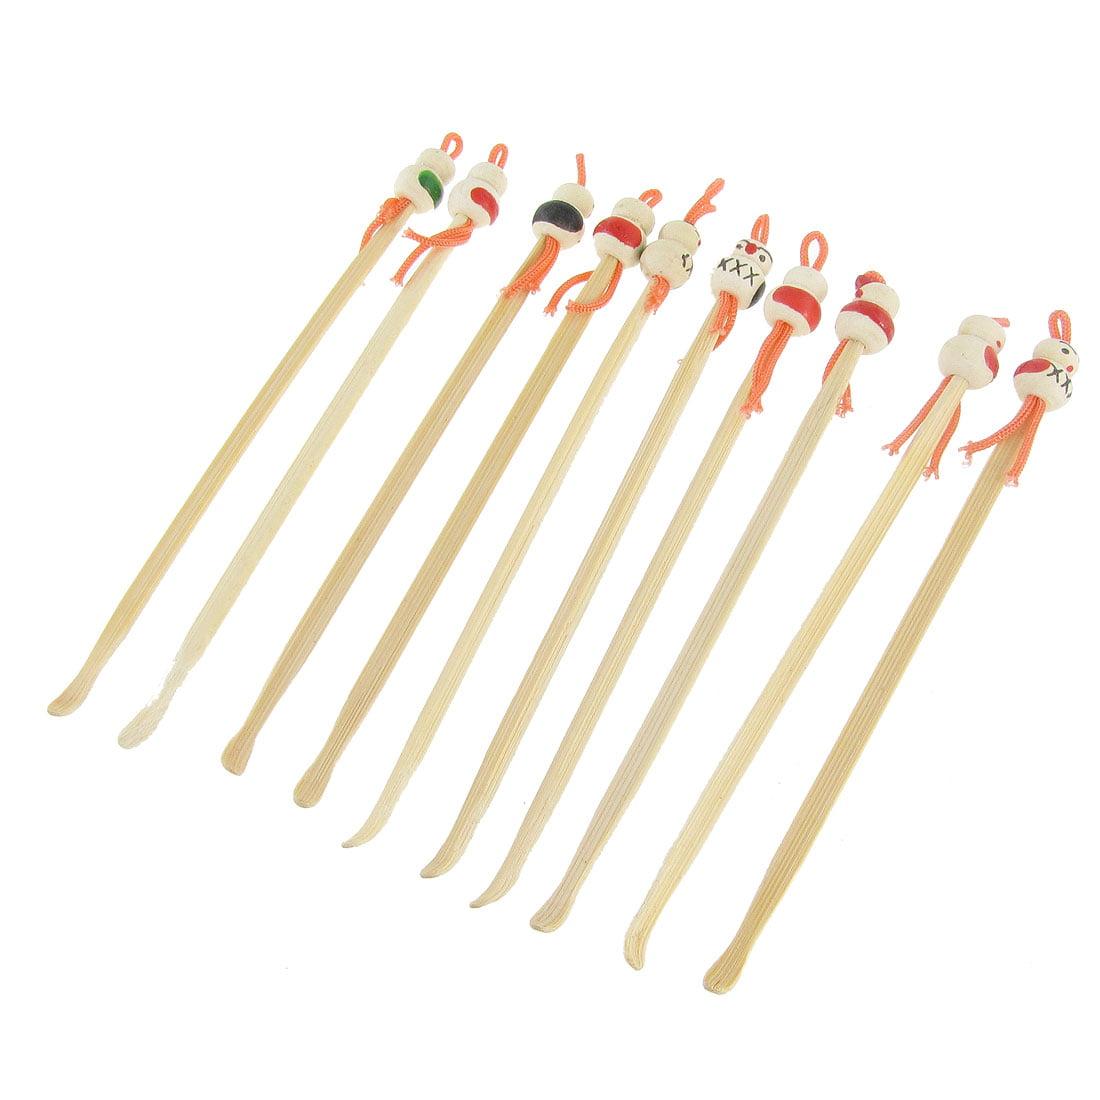 Unique Bargains Unique Bargains Bamboo Ear Pick Spoon Curette Ear Wax Remover Cartoon Doll Decor 10 Pc